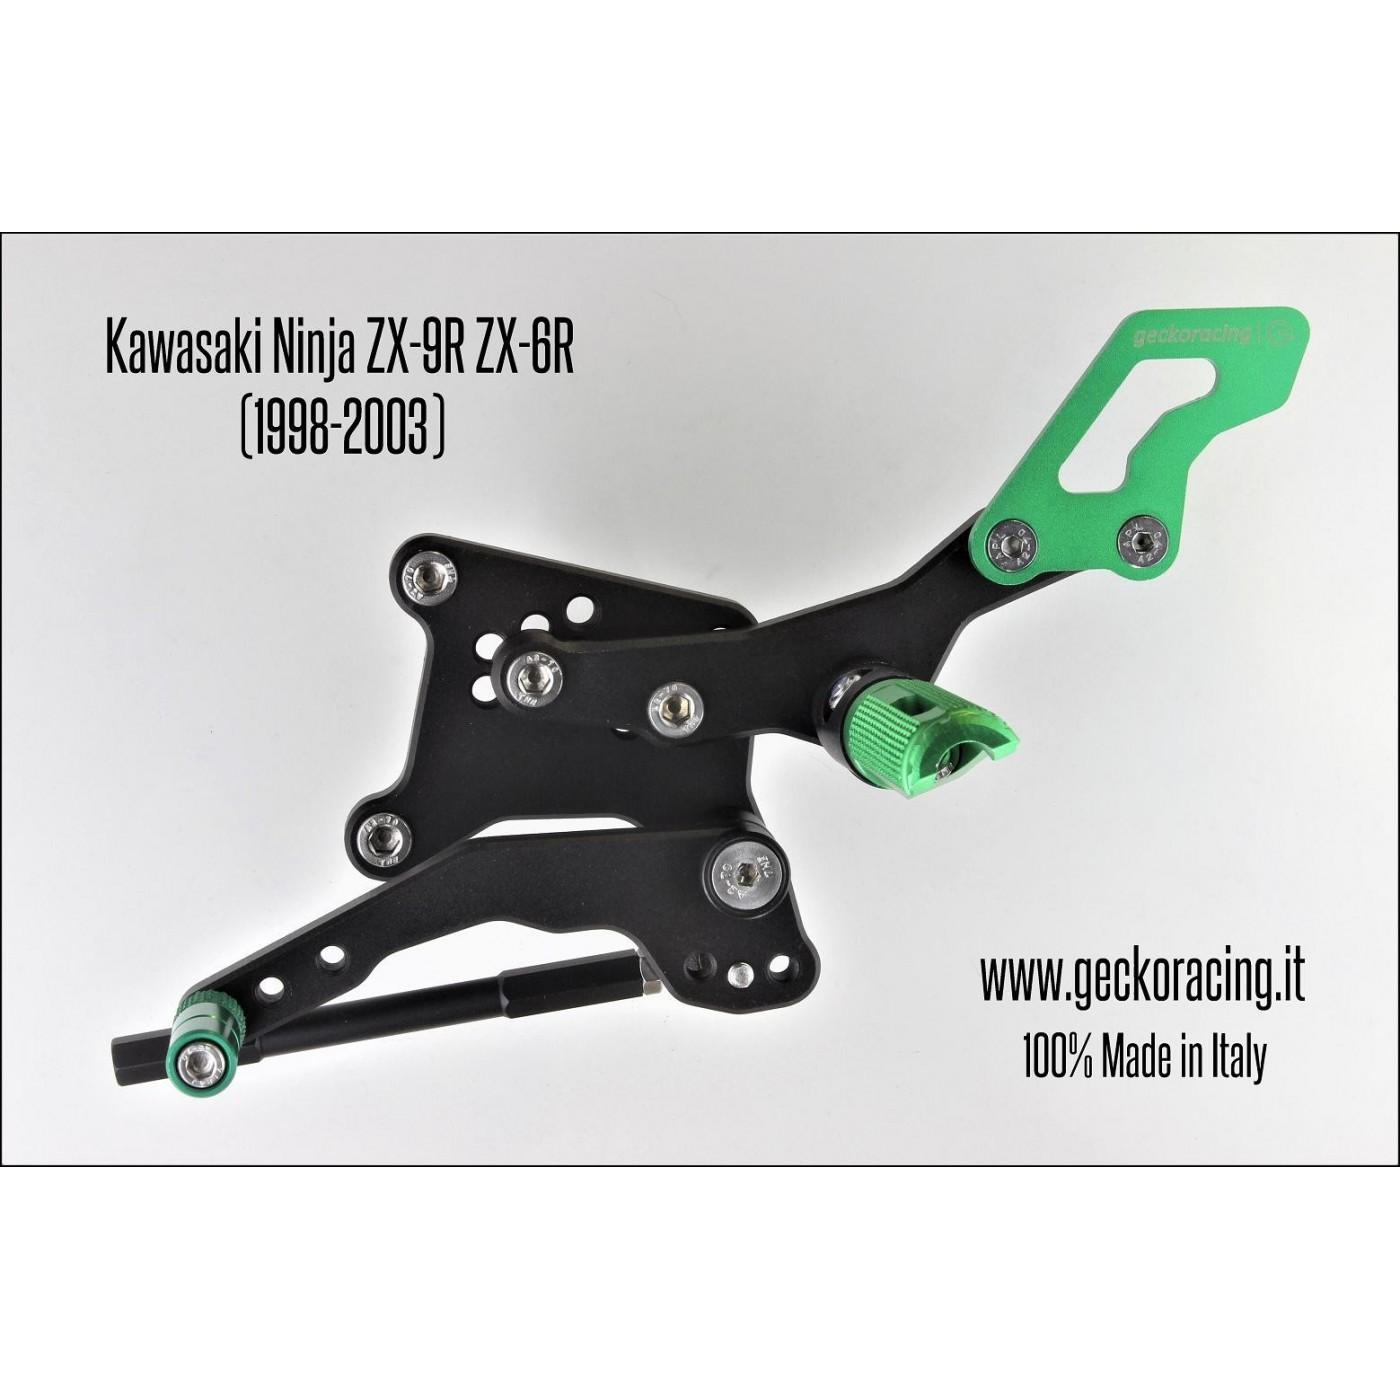 Pedane arretrate regolabili Kawasaki Ninja ZX-9R ZX-6R Cambio